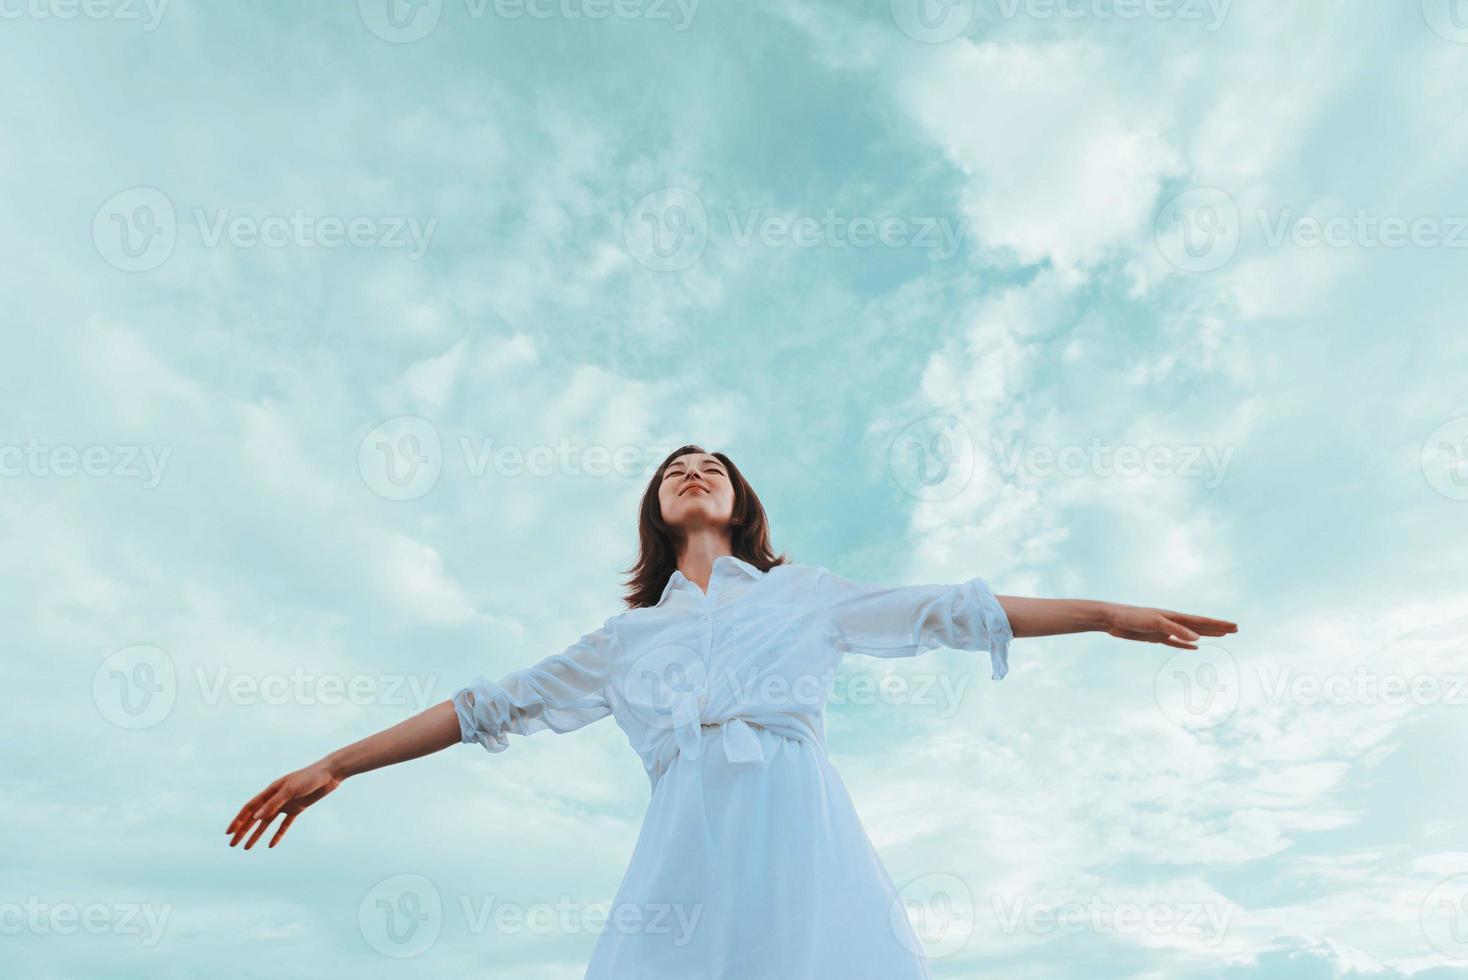 mujer joven con los brazos levantados disfrutando de un buen día foto